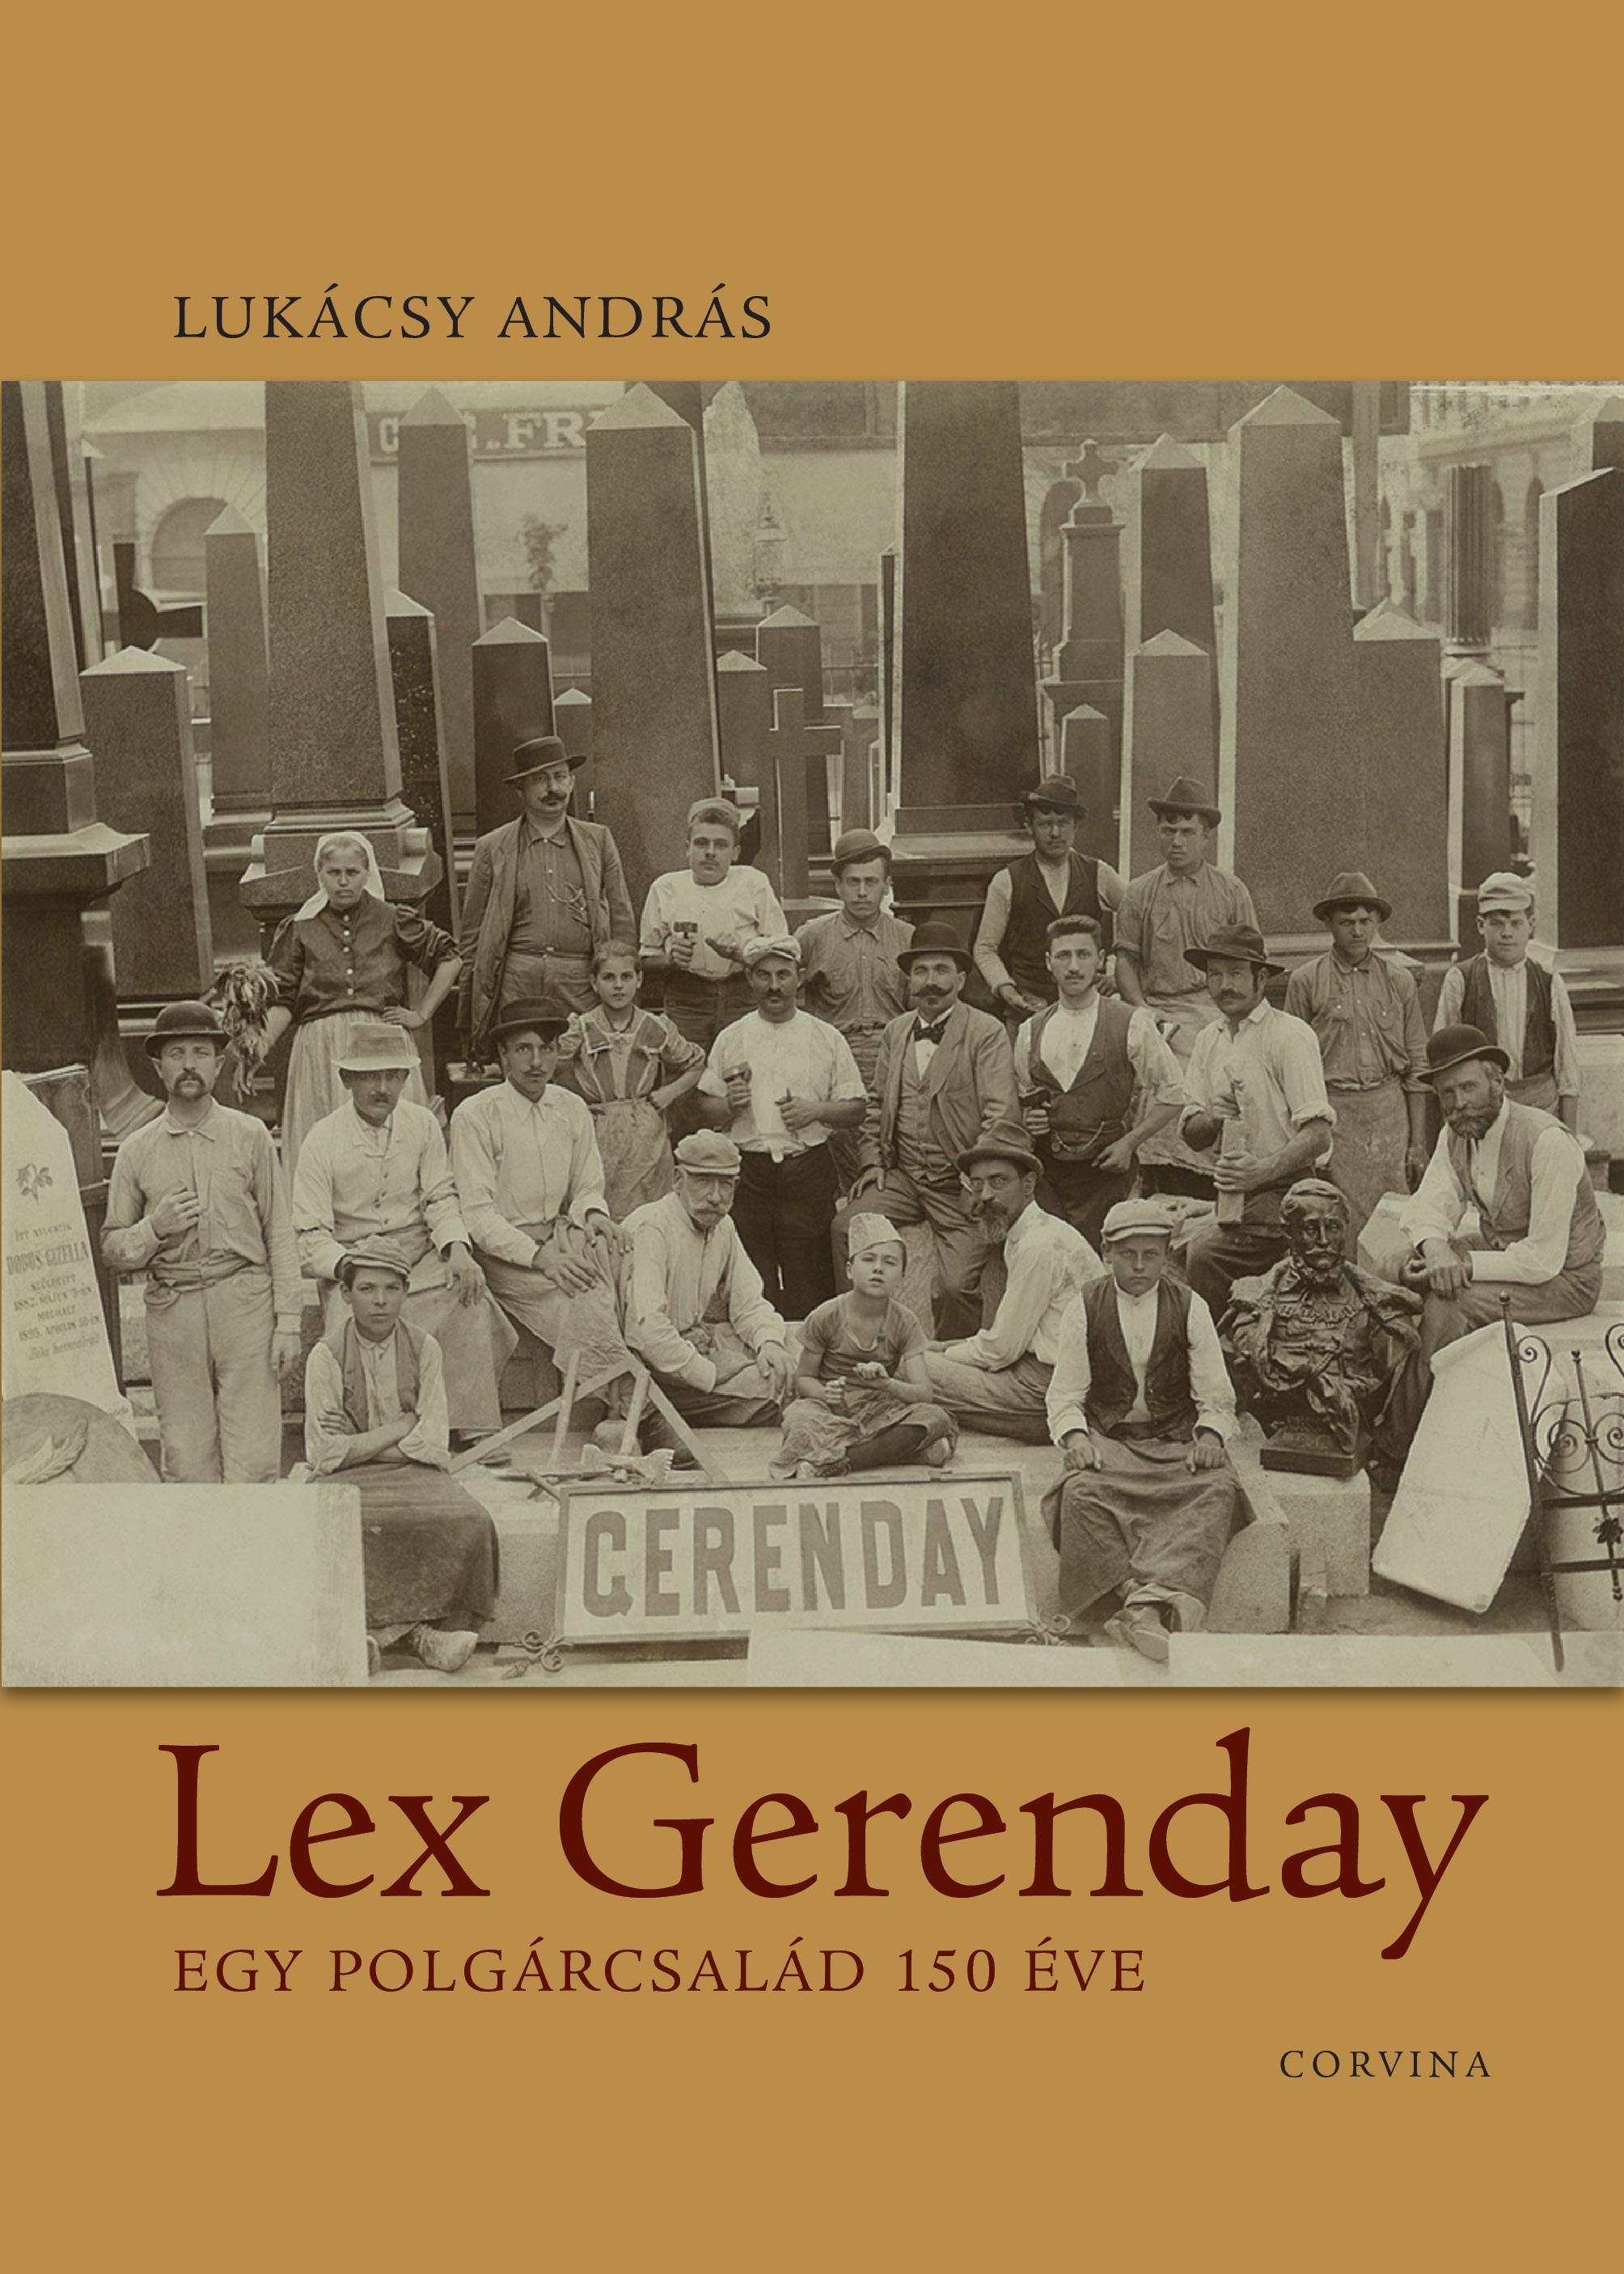 LEX GERENDAY - EGY POLGÁRCSALÁD 150 ÉVE